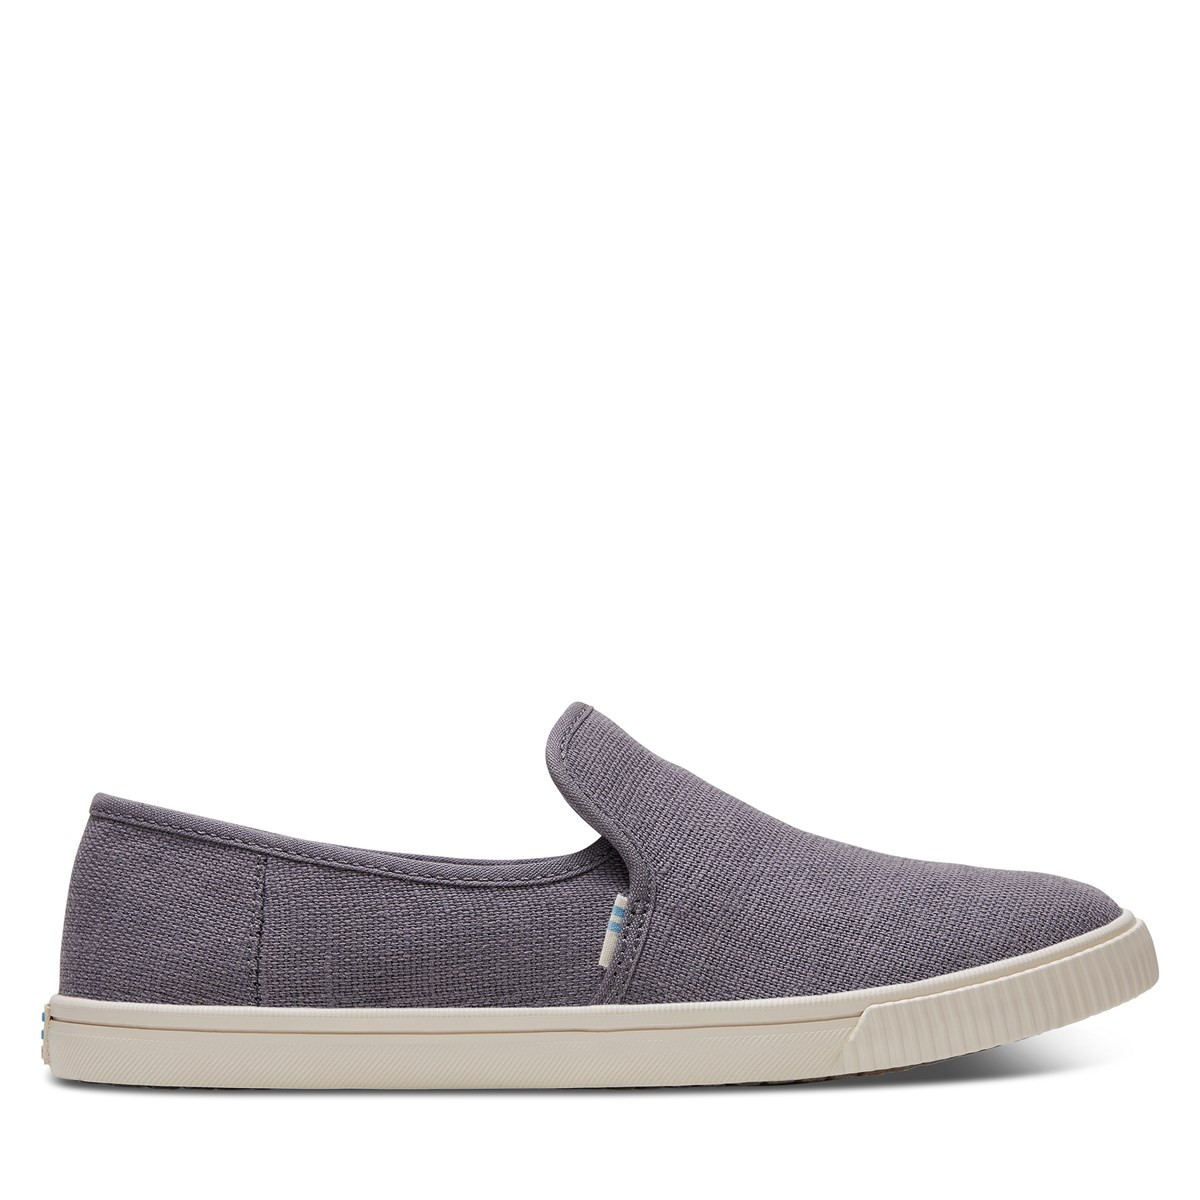 Chaussures sans lacets Clemente Heritage véganes grises pour femmes